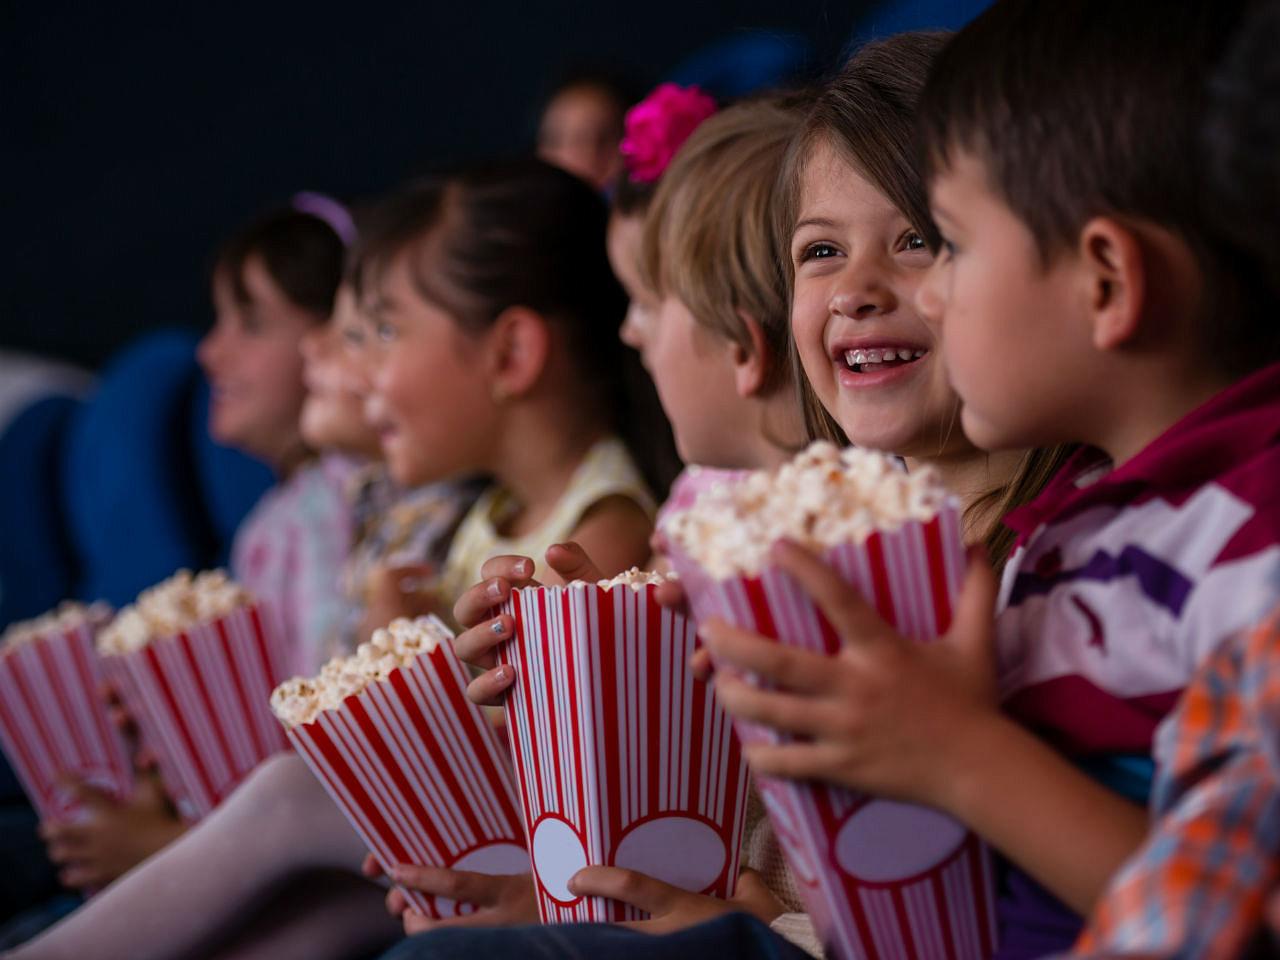 Надписью, картинки для детей кинотеатр